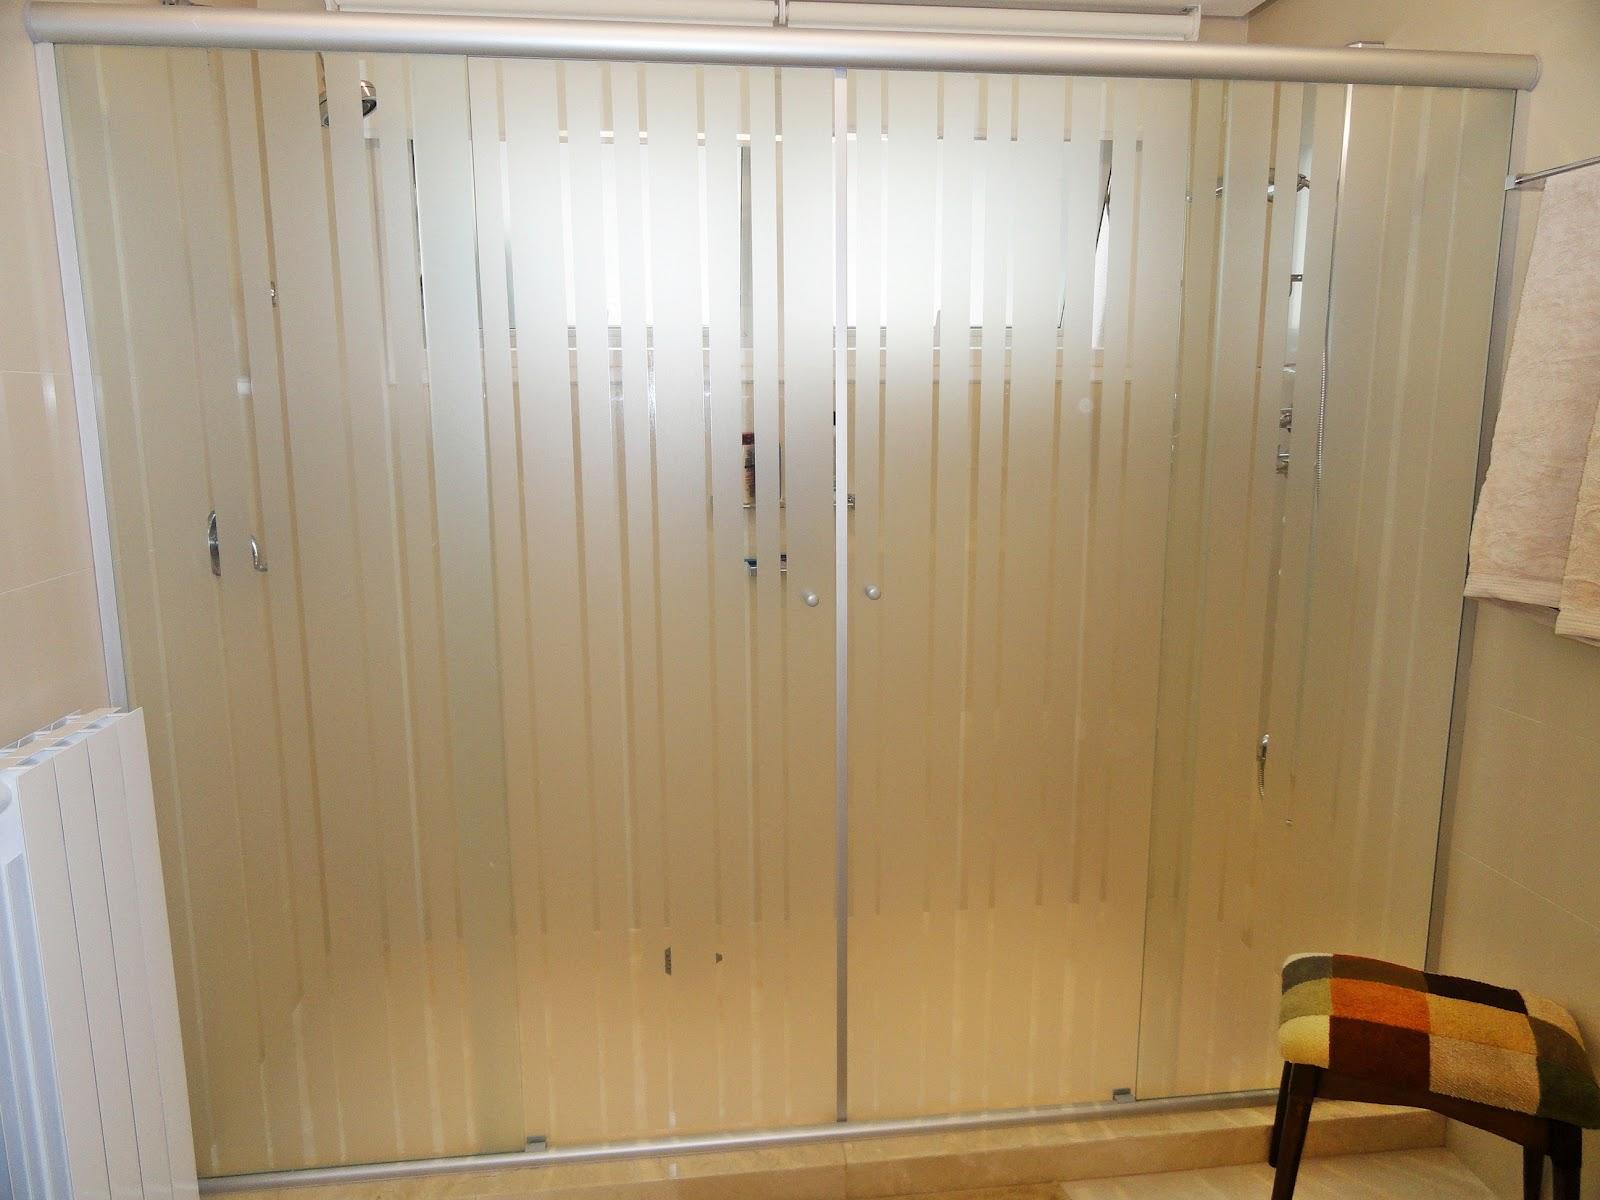 box de banheiro com faixas mais discreto e de muito bom gosto #281406 1600 1200